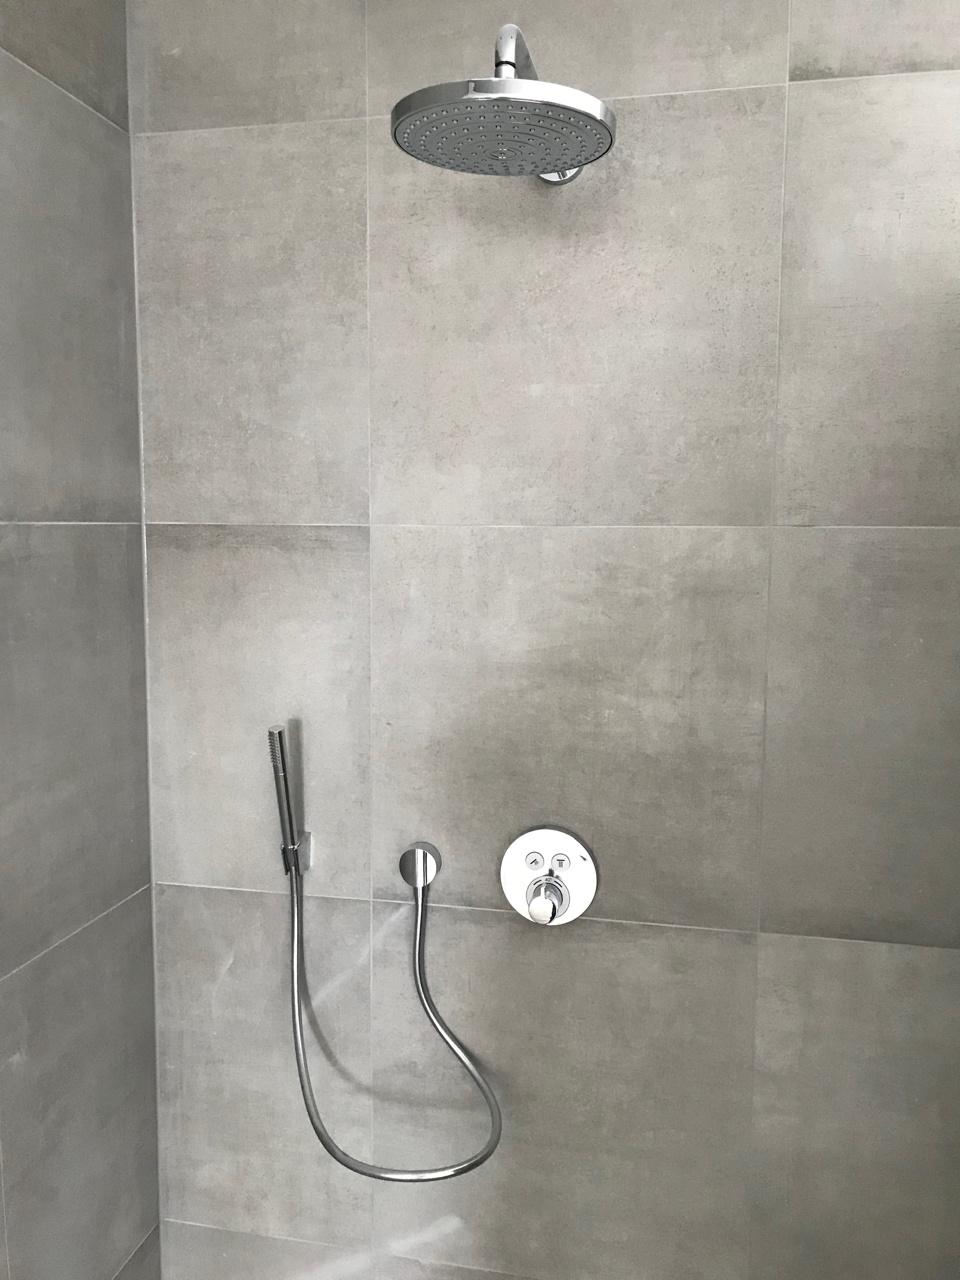 Het Badkamer Topic Verkopers Kwaliteit Prijs Deel 1 Wonen Verbouwen Got